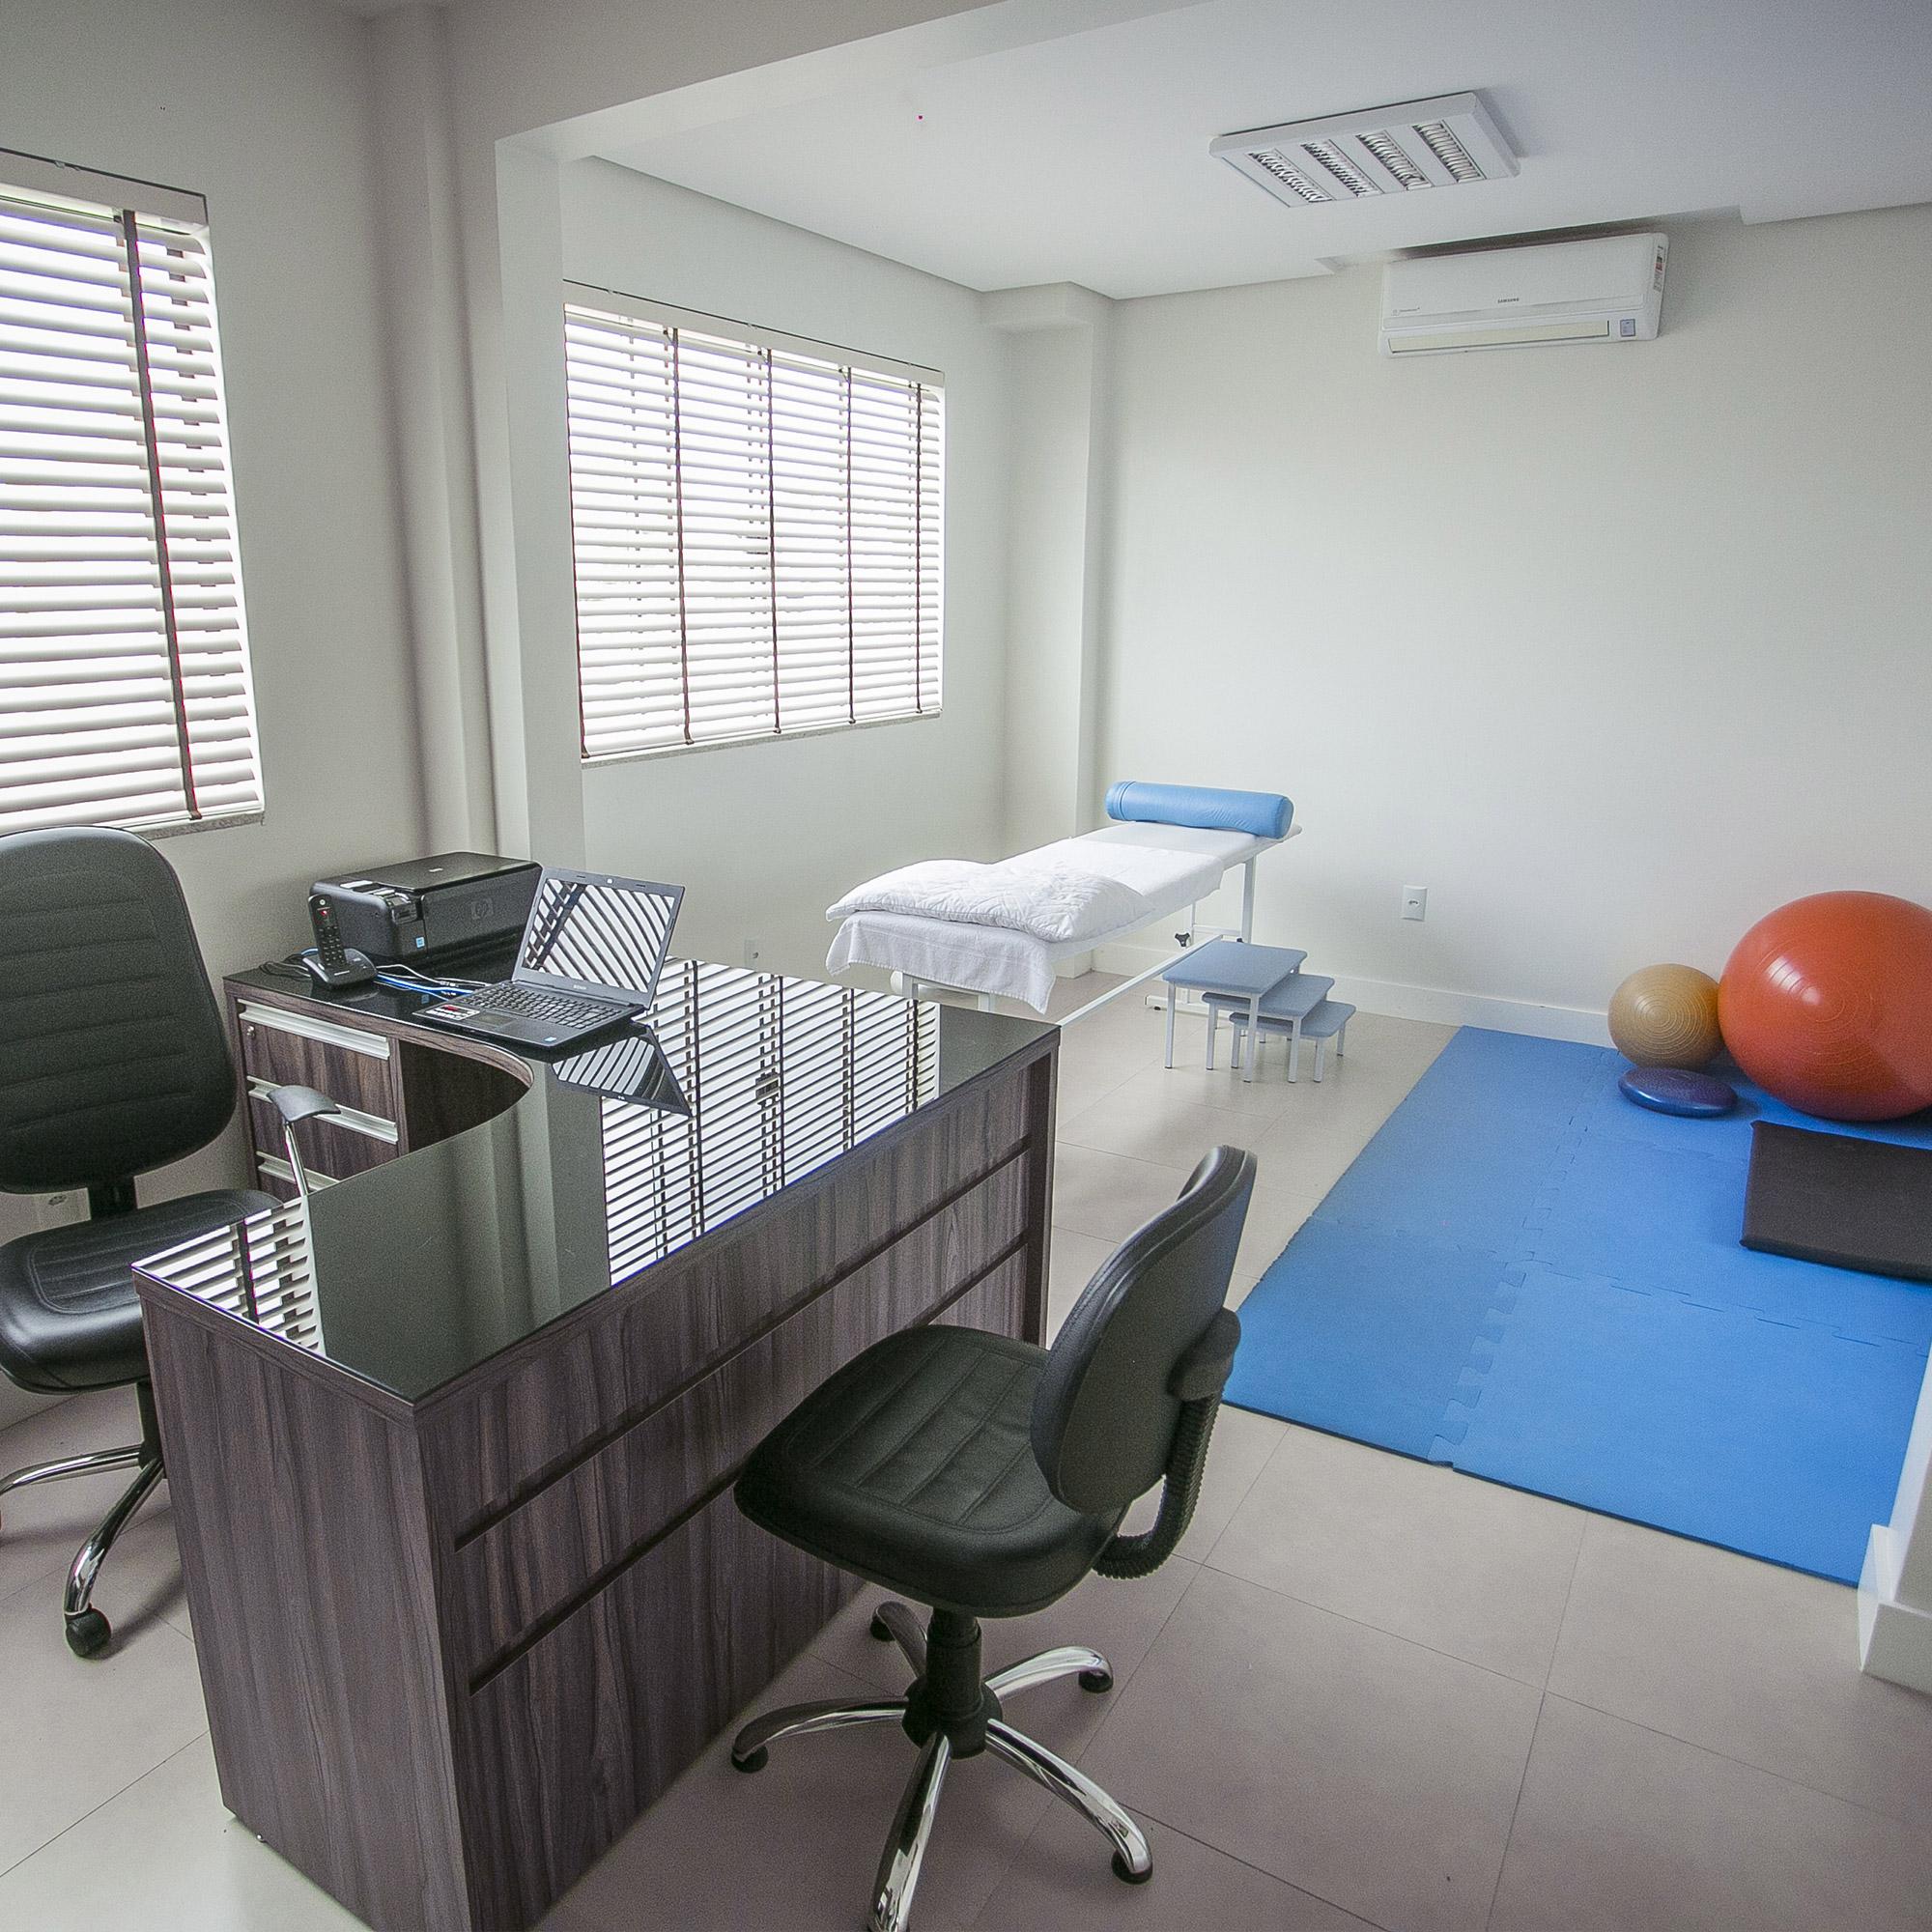 clinica-sergio-cruz-fisioterapia-tubarao-sc-